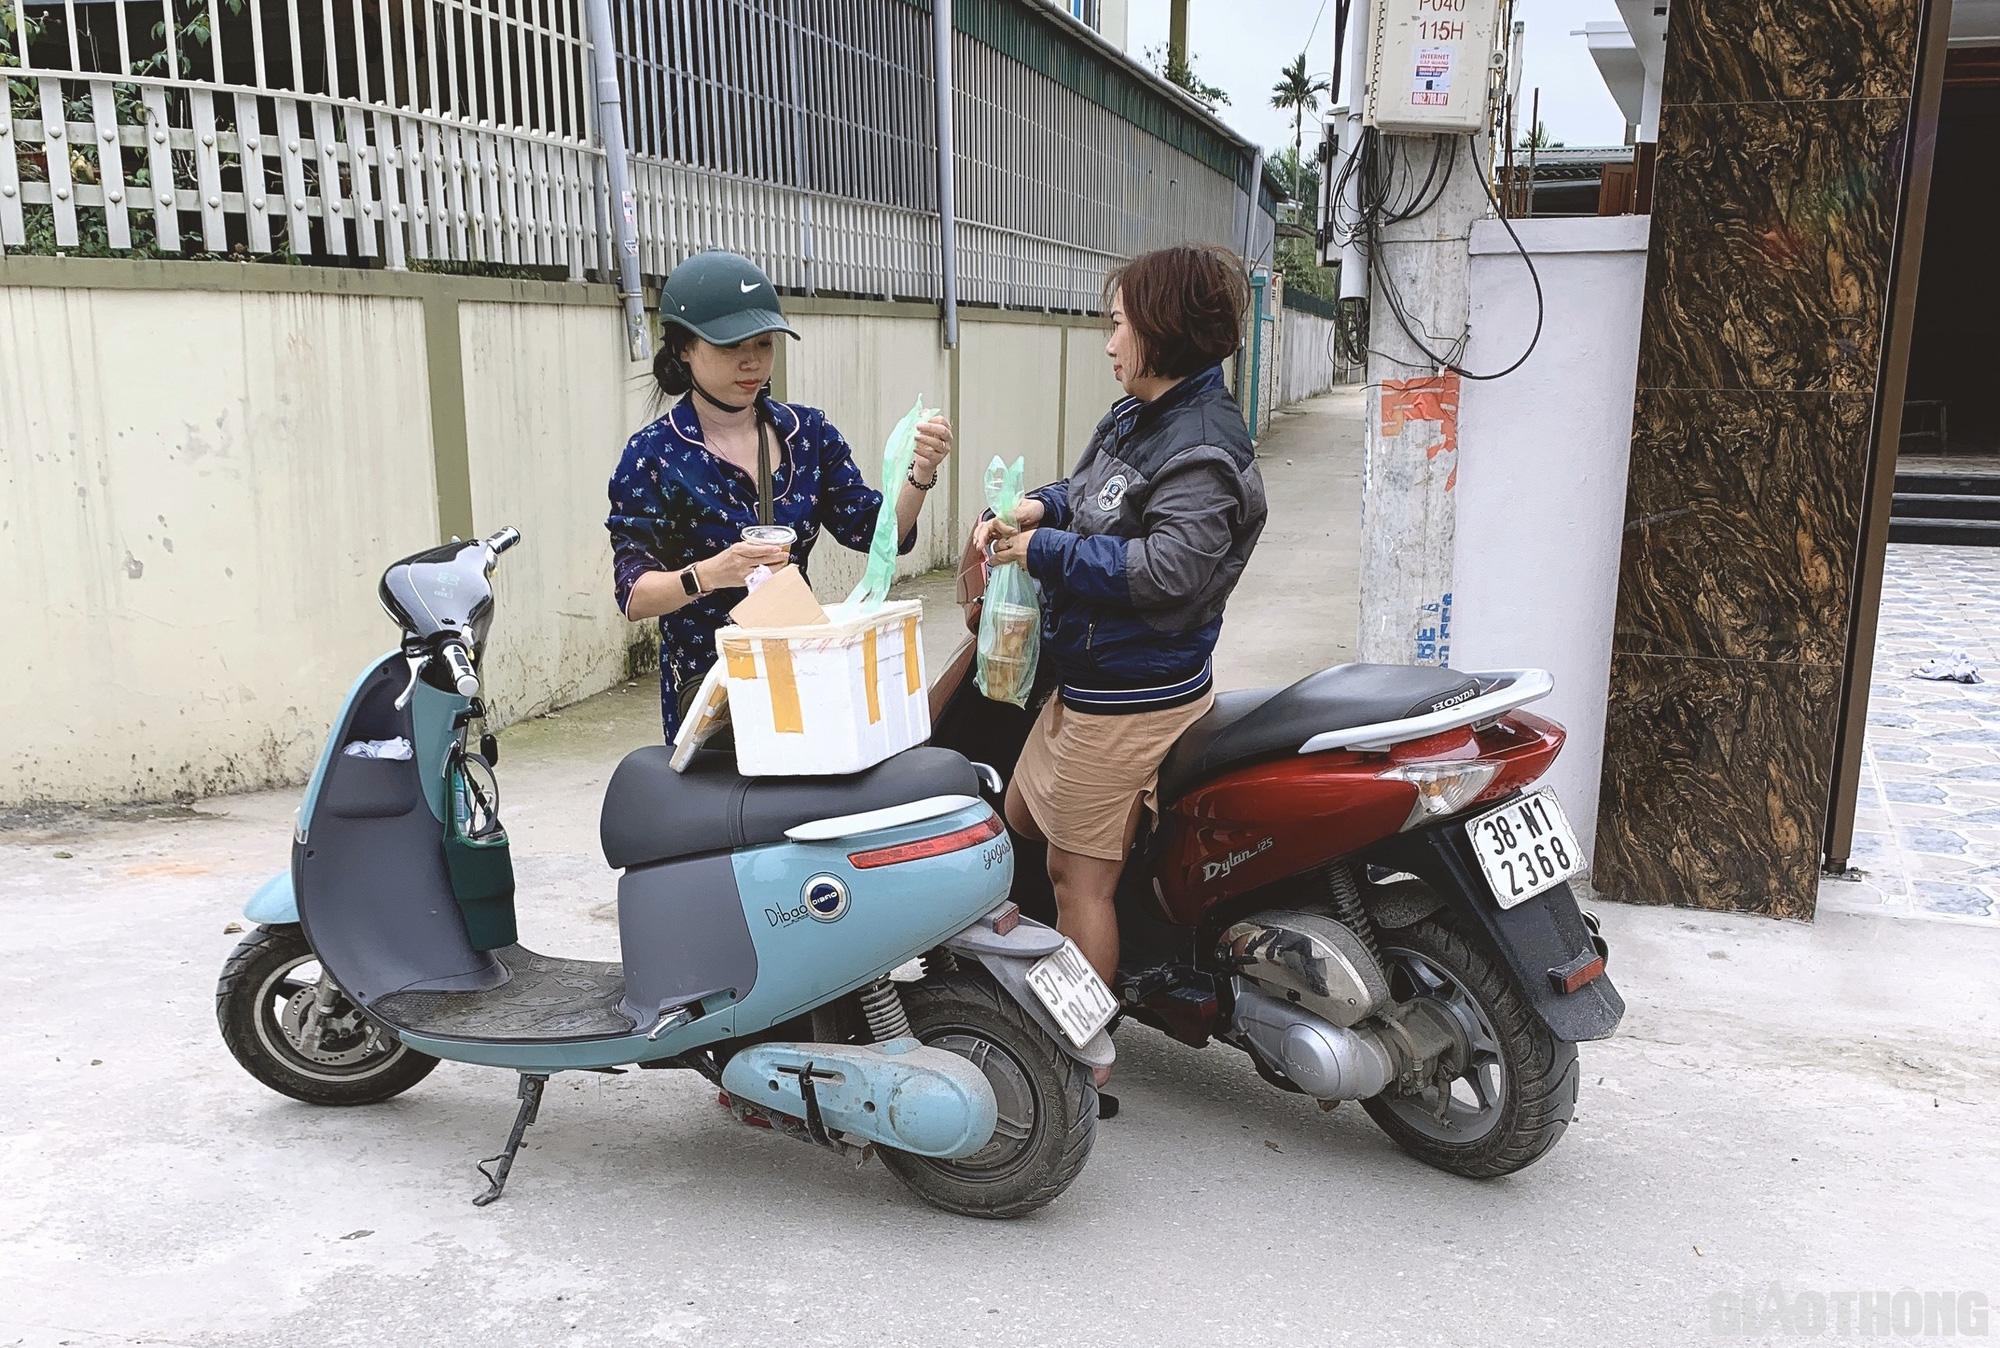 Du lịch 'chết lâm sàng', nữ giám đốc bán bánh kiếm tiền rau cá qua ngày - Ảnh 3.